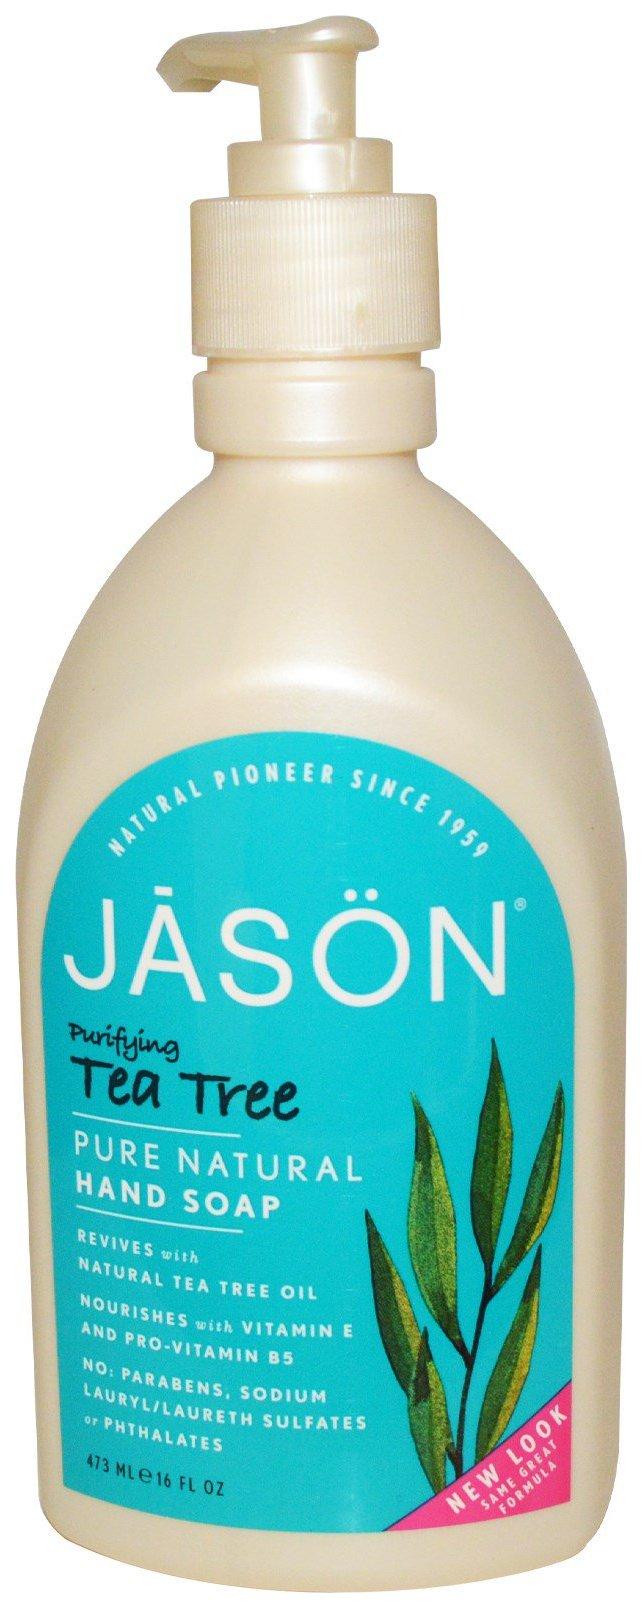 Купить Жидкое мыло Jāsön Purifying Tea Tree Hand Soap 473 мл, JASON